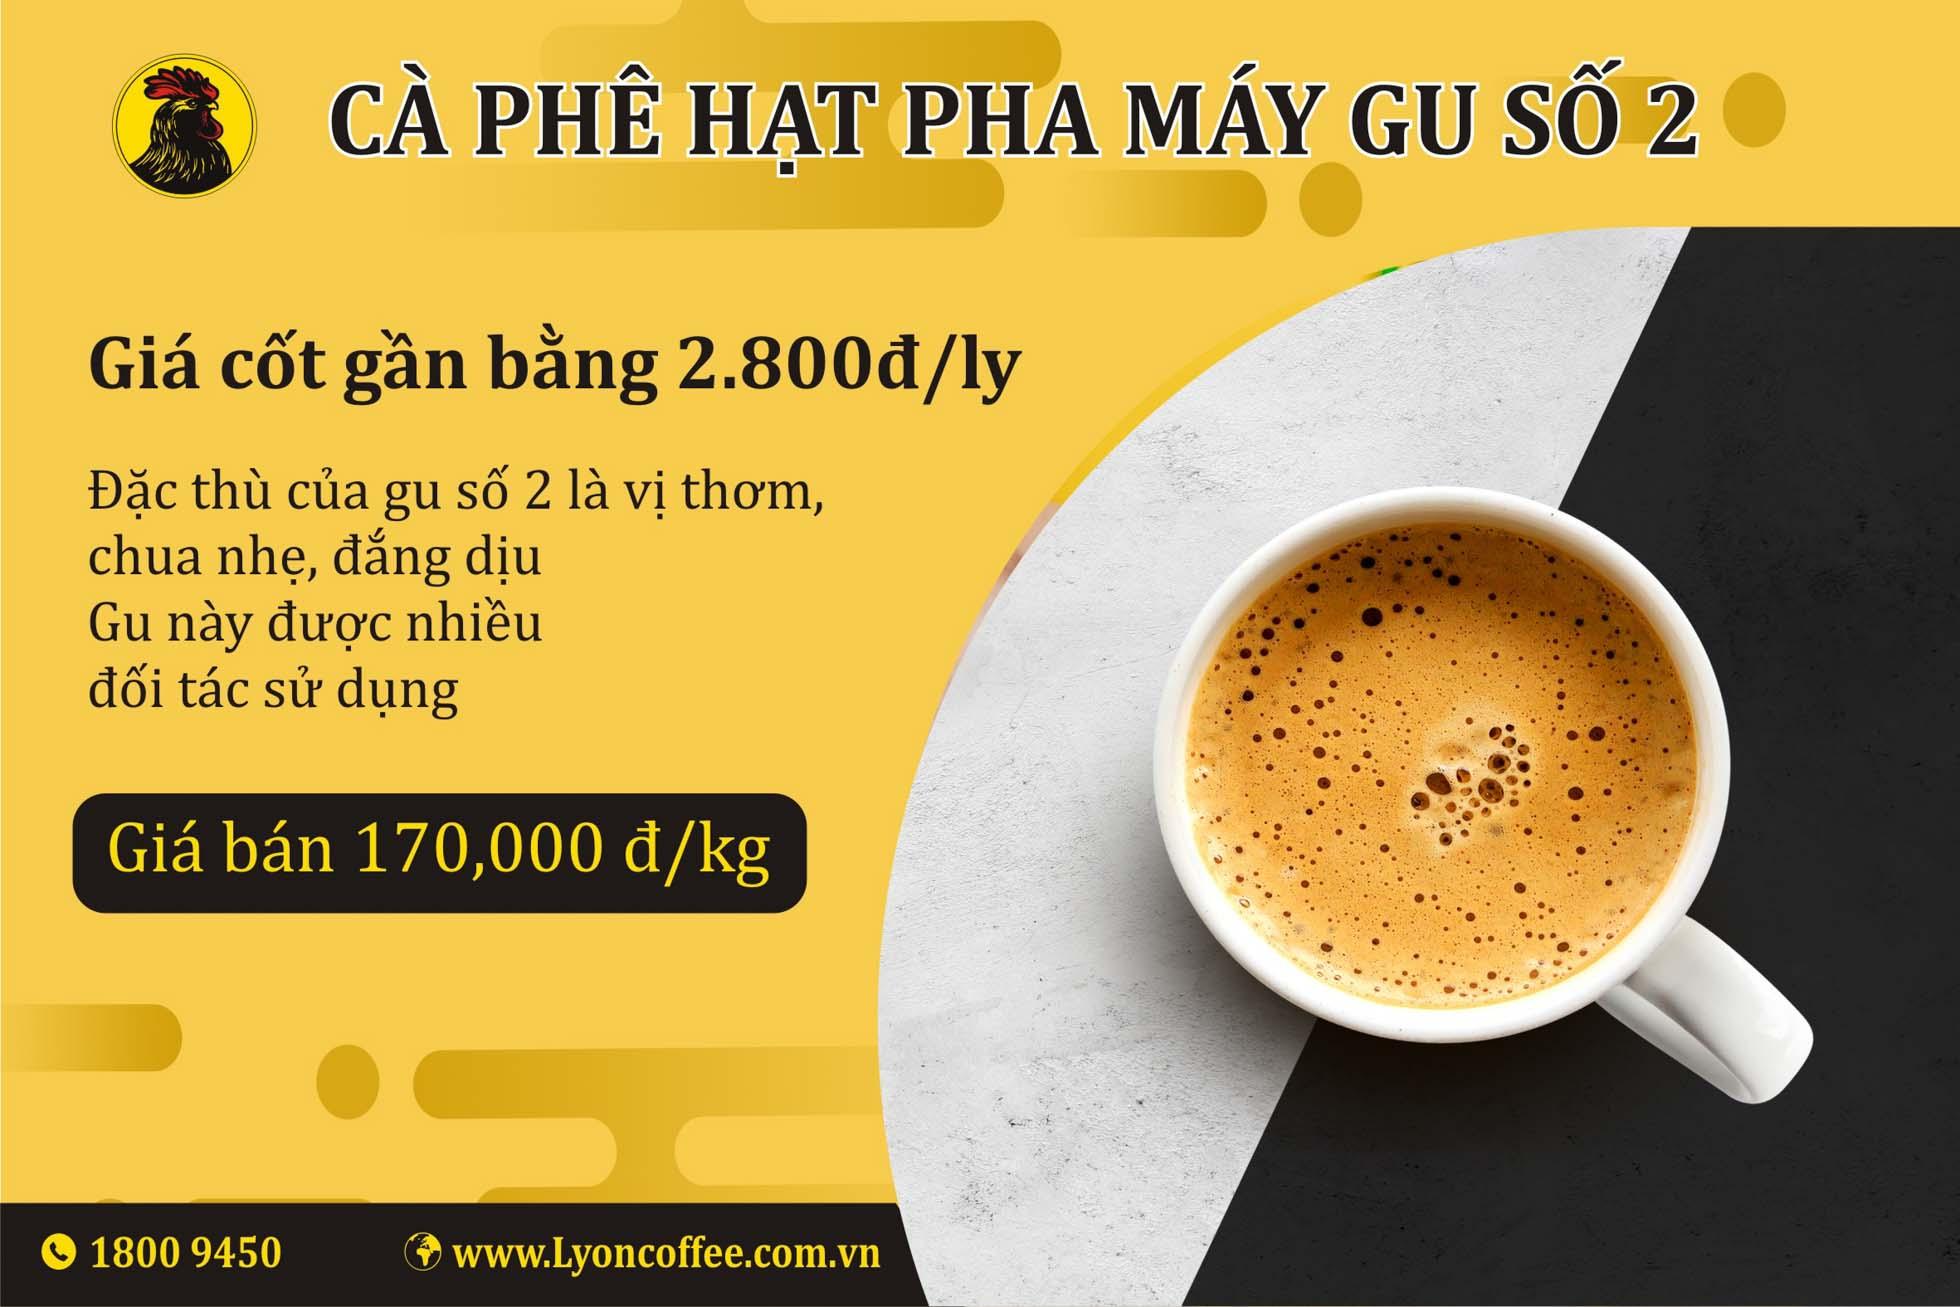 Cà phê hạt espresso gu số 2